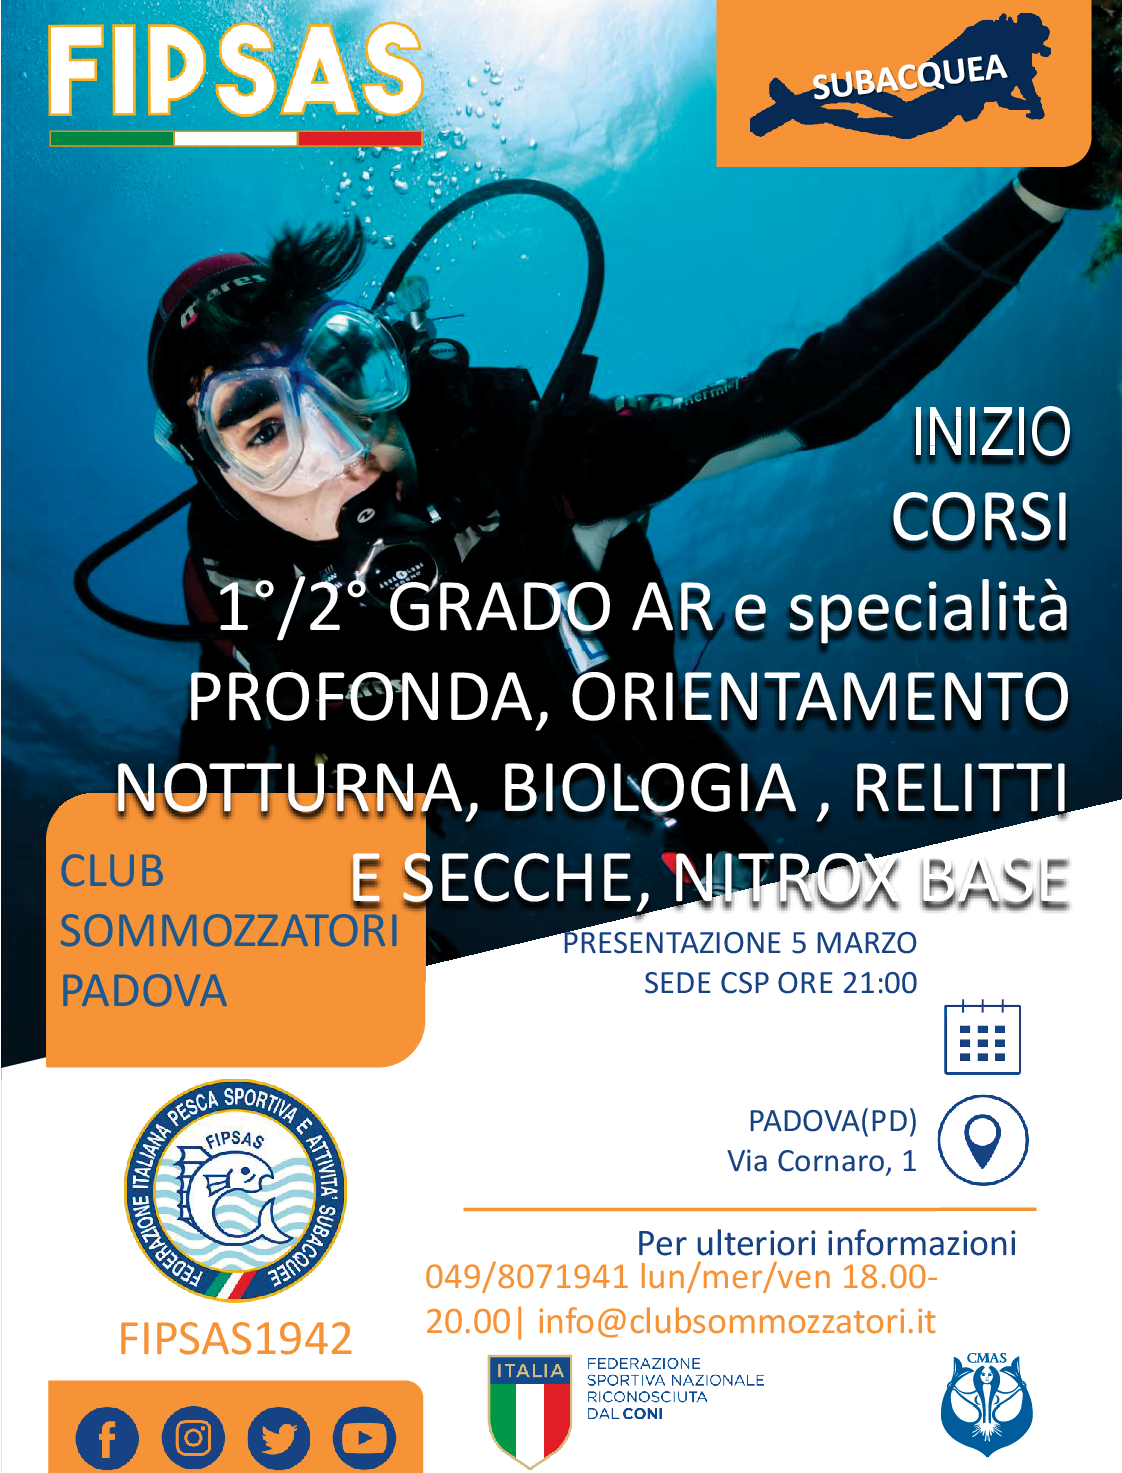 Locandina di presentazione dei corsi sub il 5 marzo 2020 alle ore 21 presso il Club Sommozzatori Padova